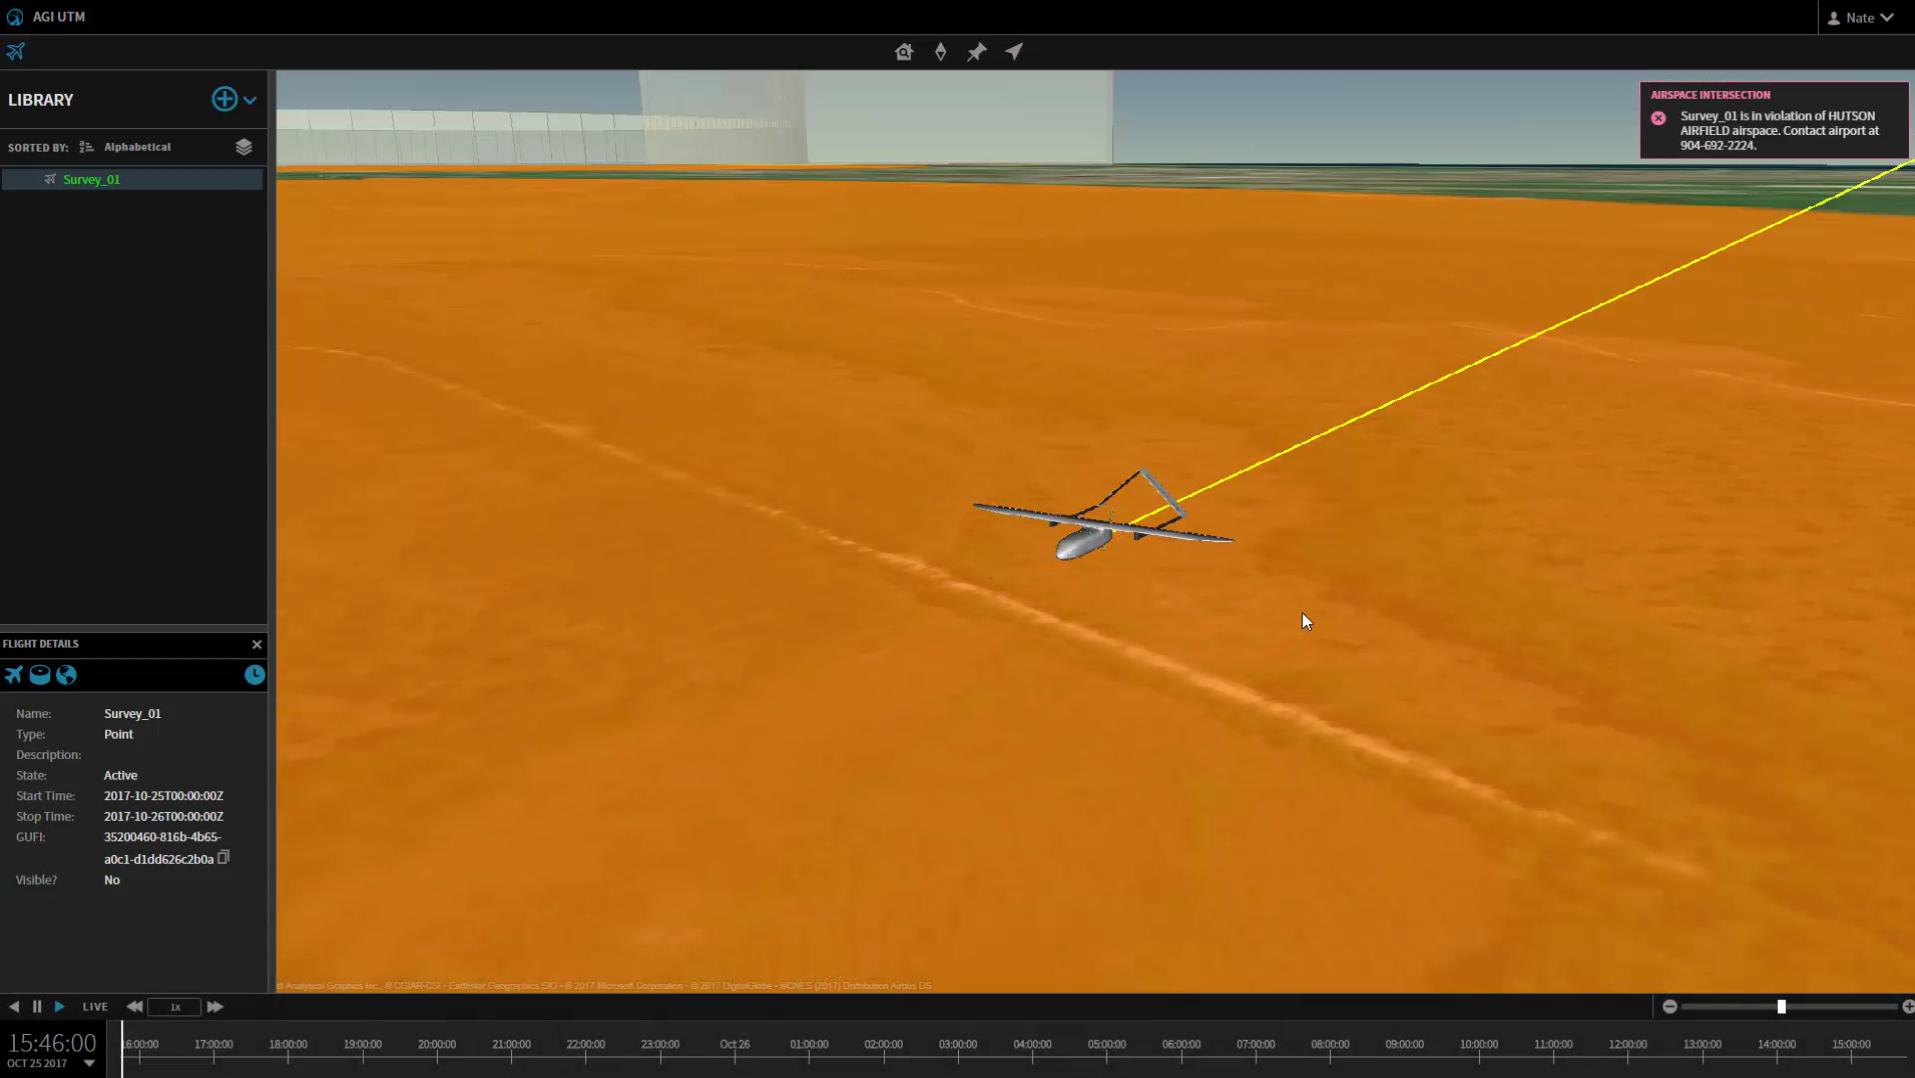 AirspaceAlert_Realtime.png